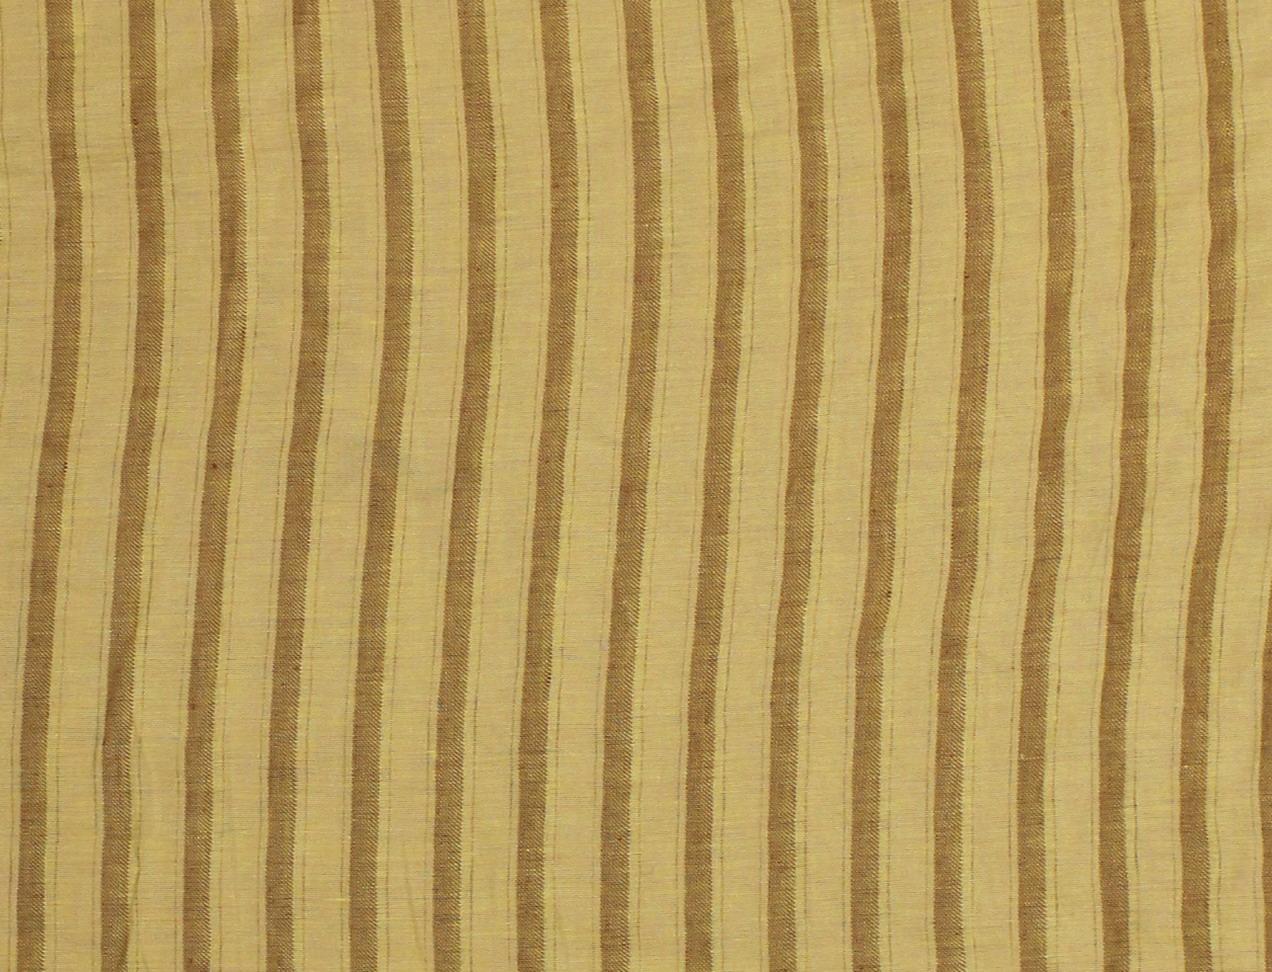 CERRO 1/2 SPINA Gold-Cotto Riga Spina Stripe